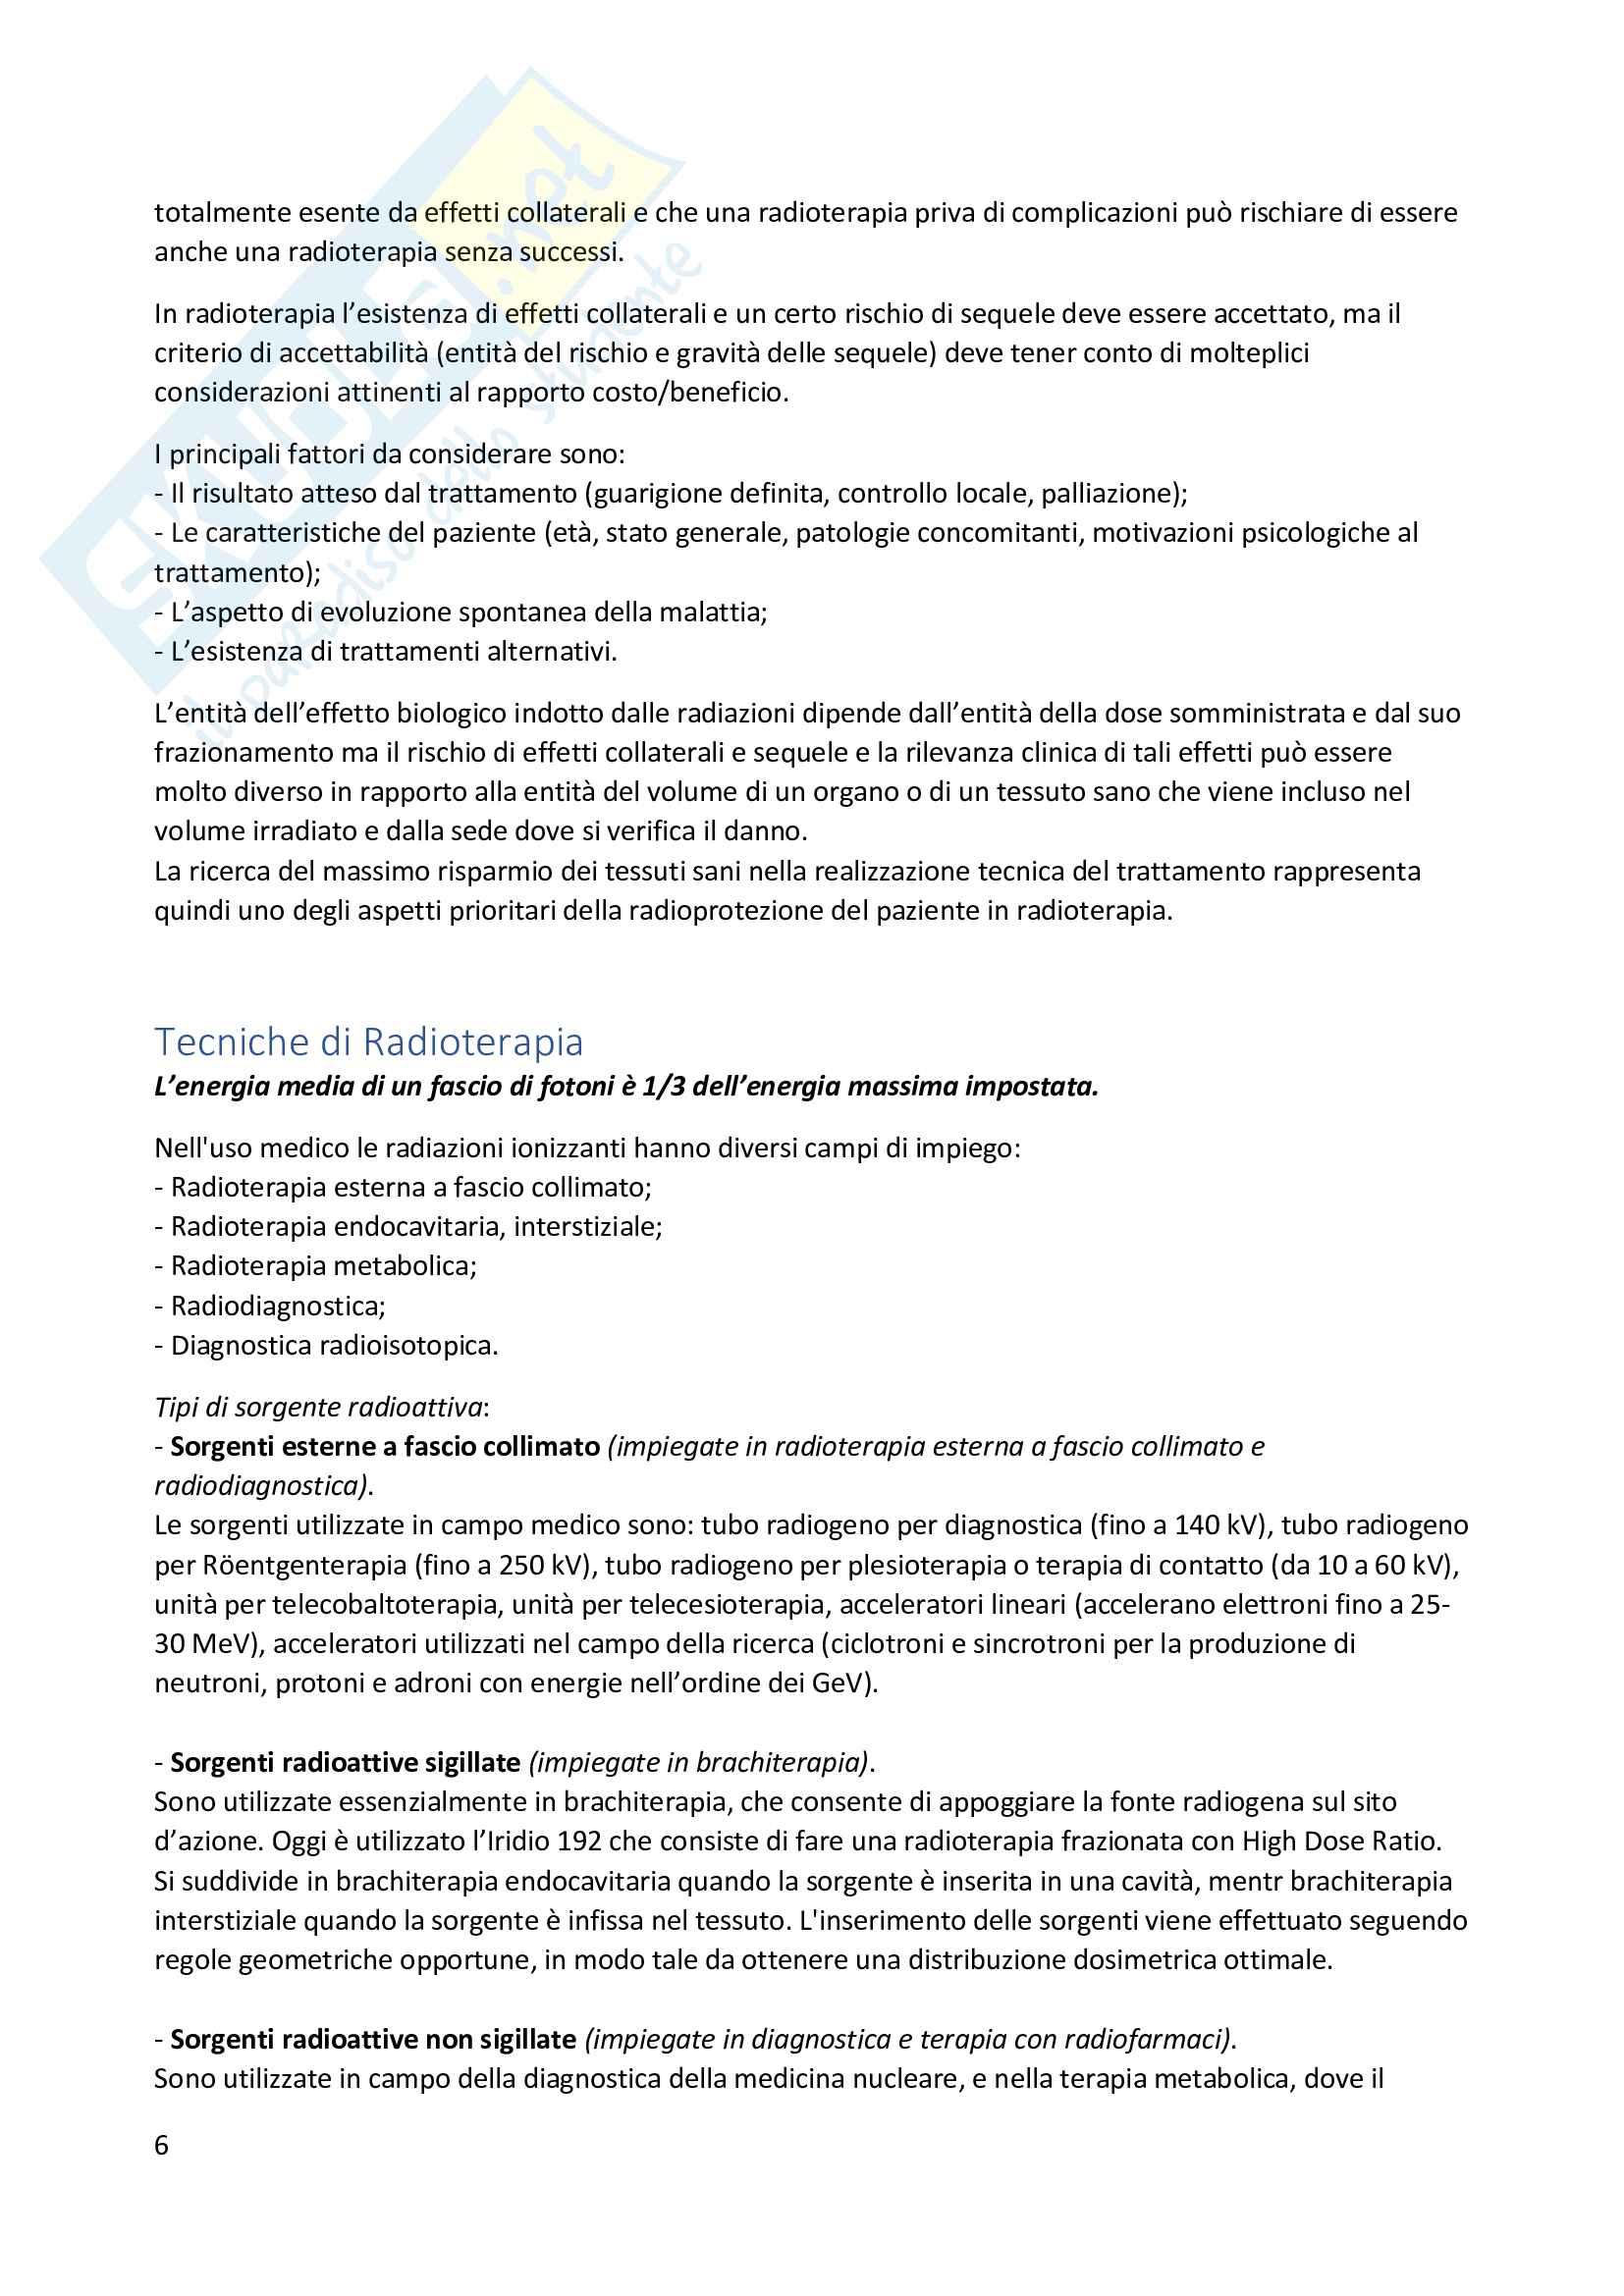 Apparecchiature Radioterapia Pag. 6